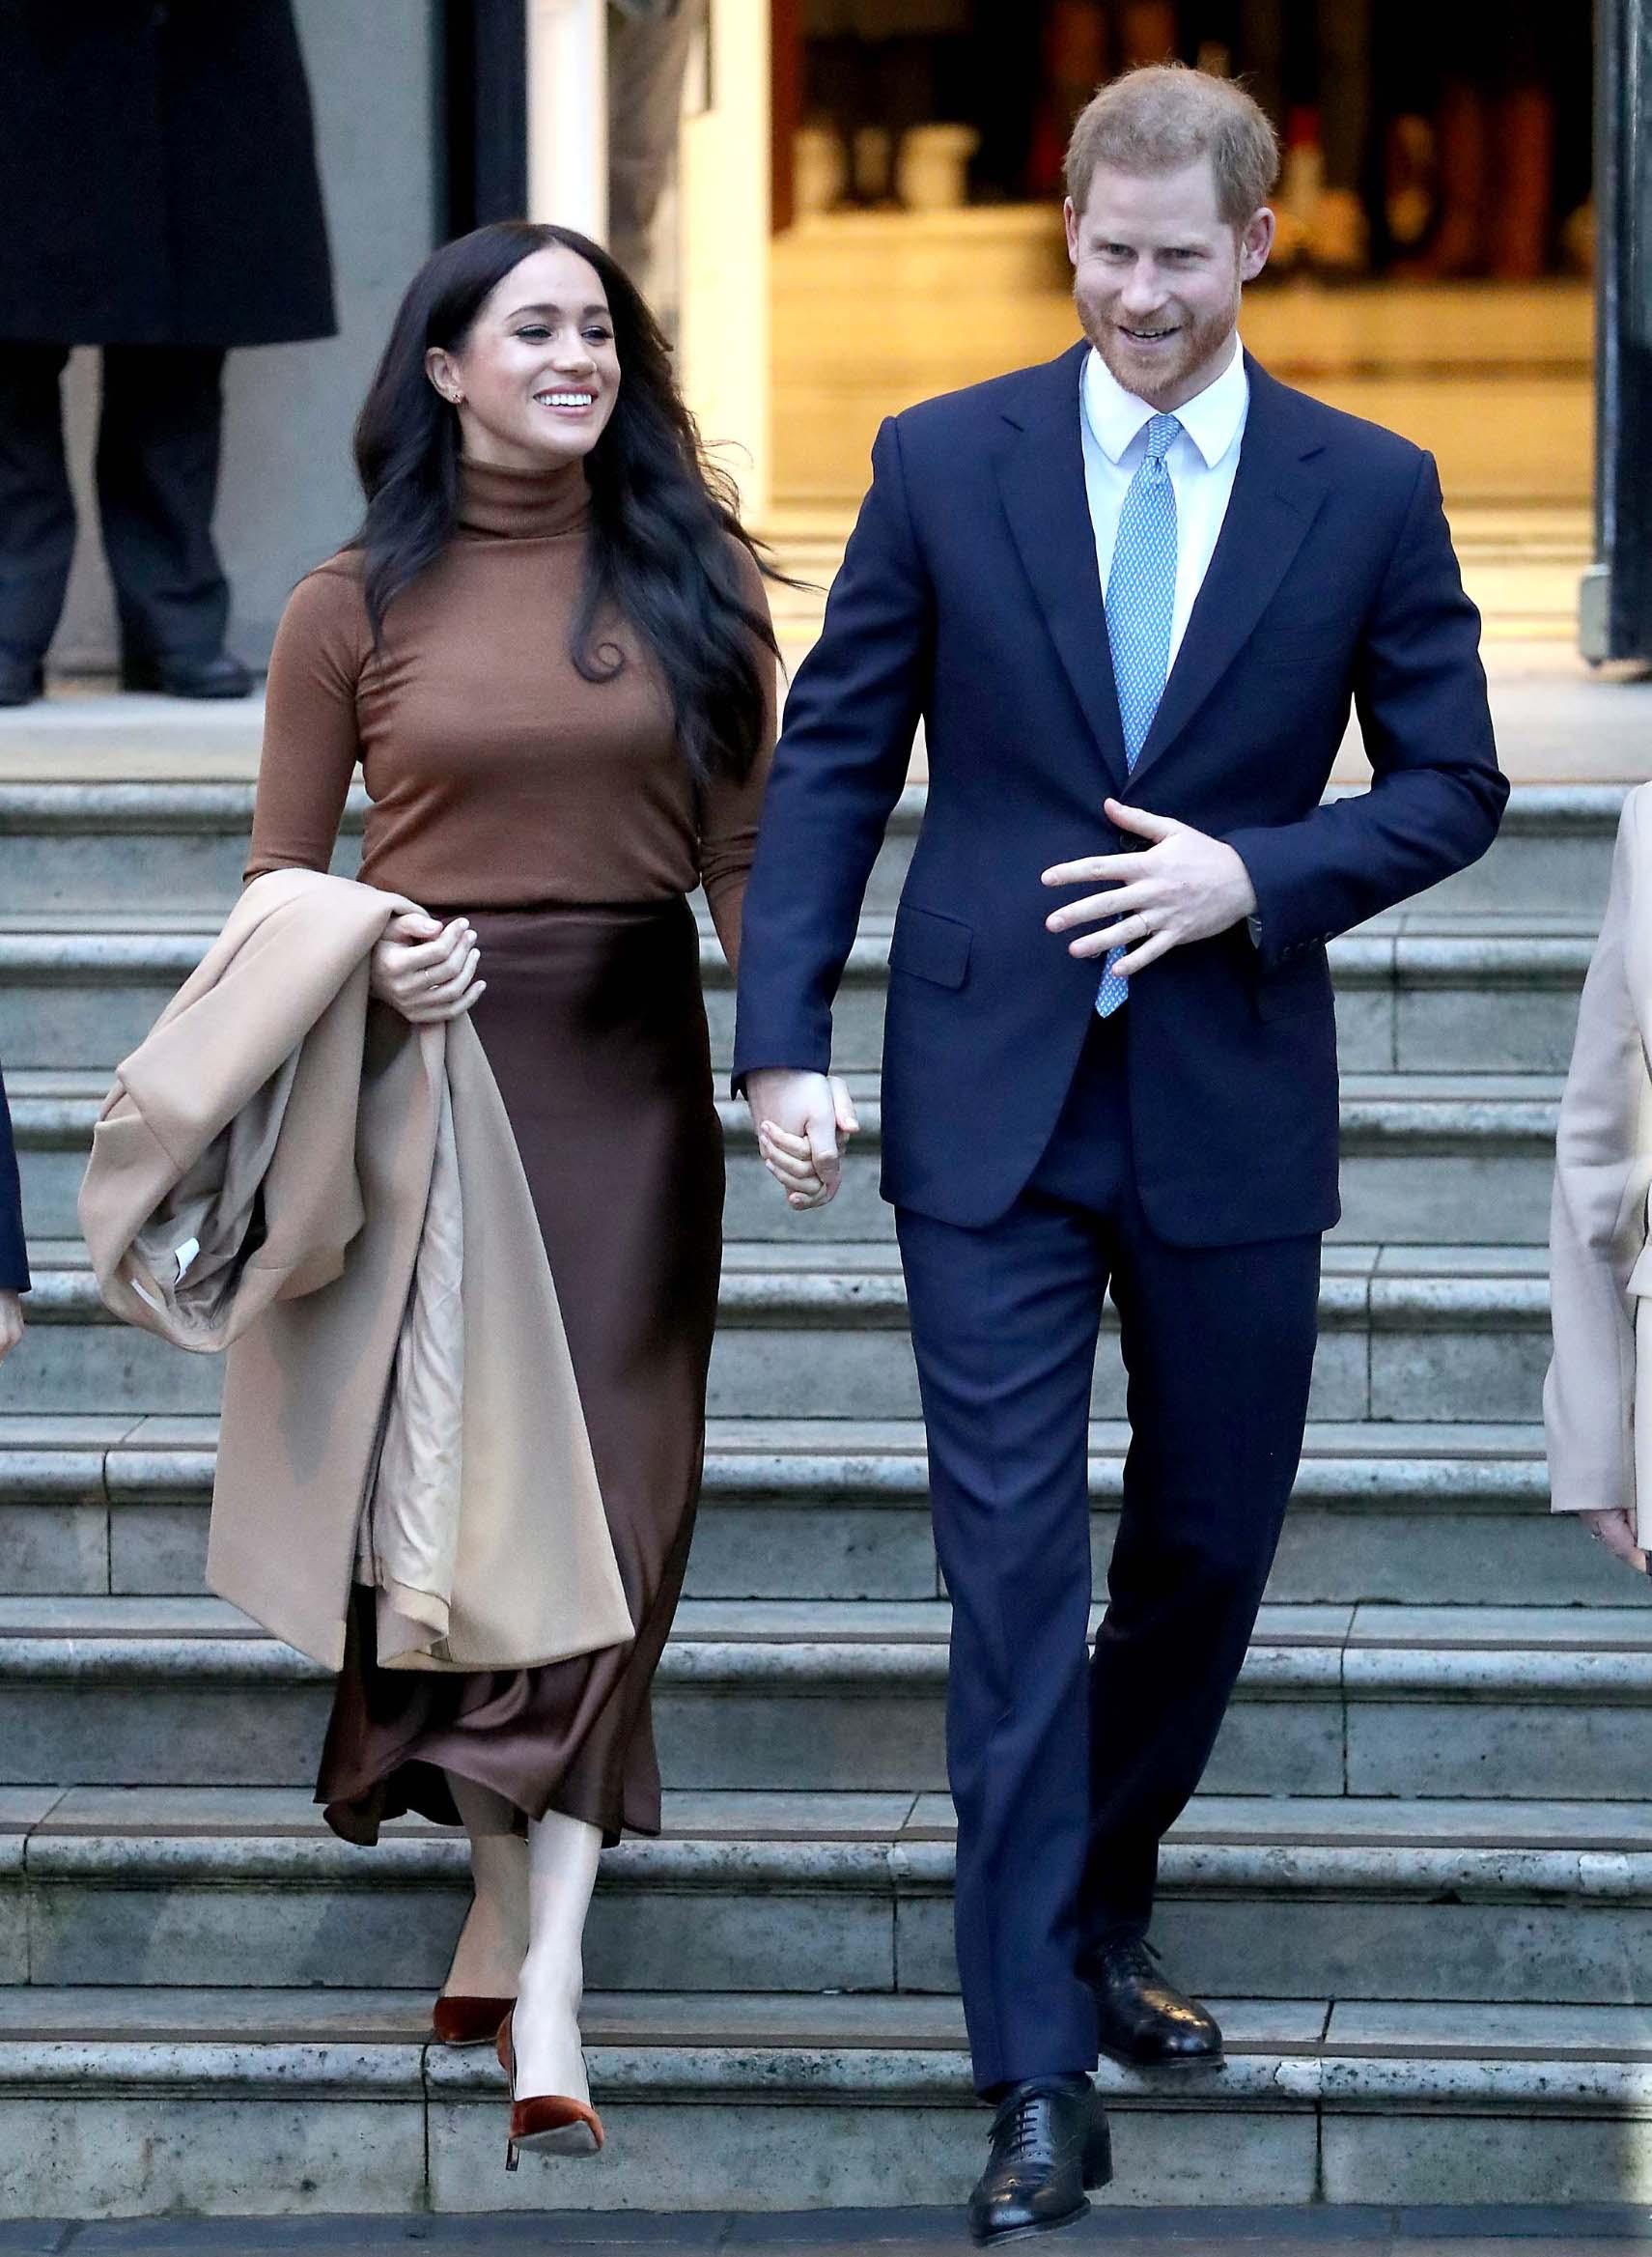 Dan prije objave posjetili su Kanadsku kuću u Londonu